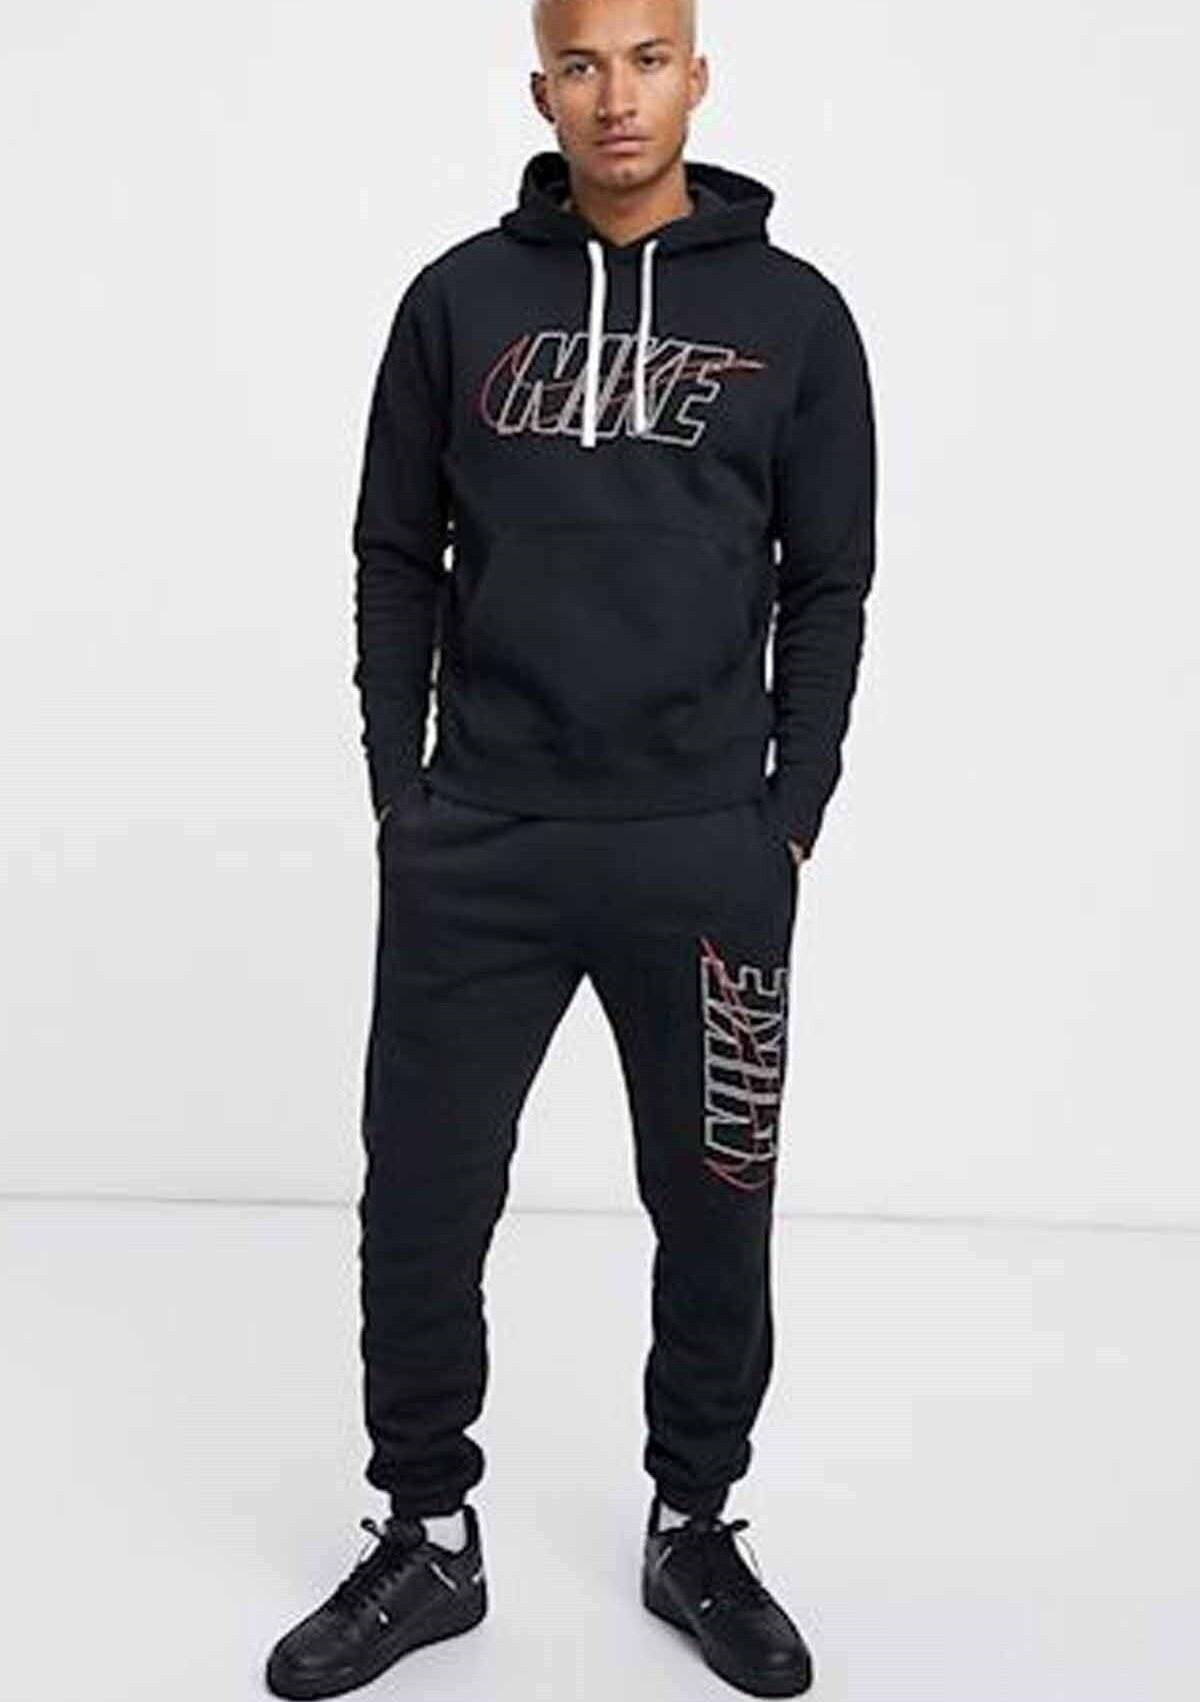 تصویر خرید انلاین ست اسلش و گرمکن مردانه ترکیه مارک Nike رنگ مشکی کد ty95594950